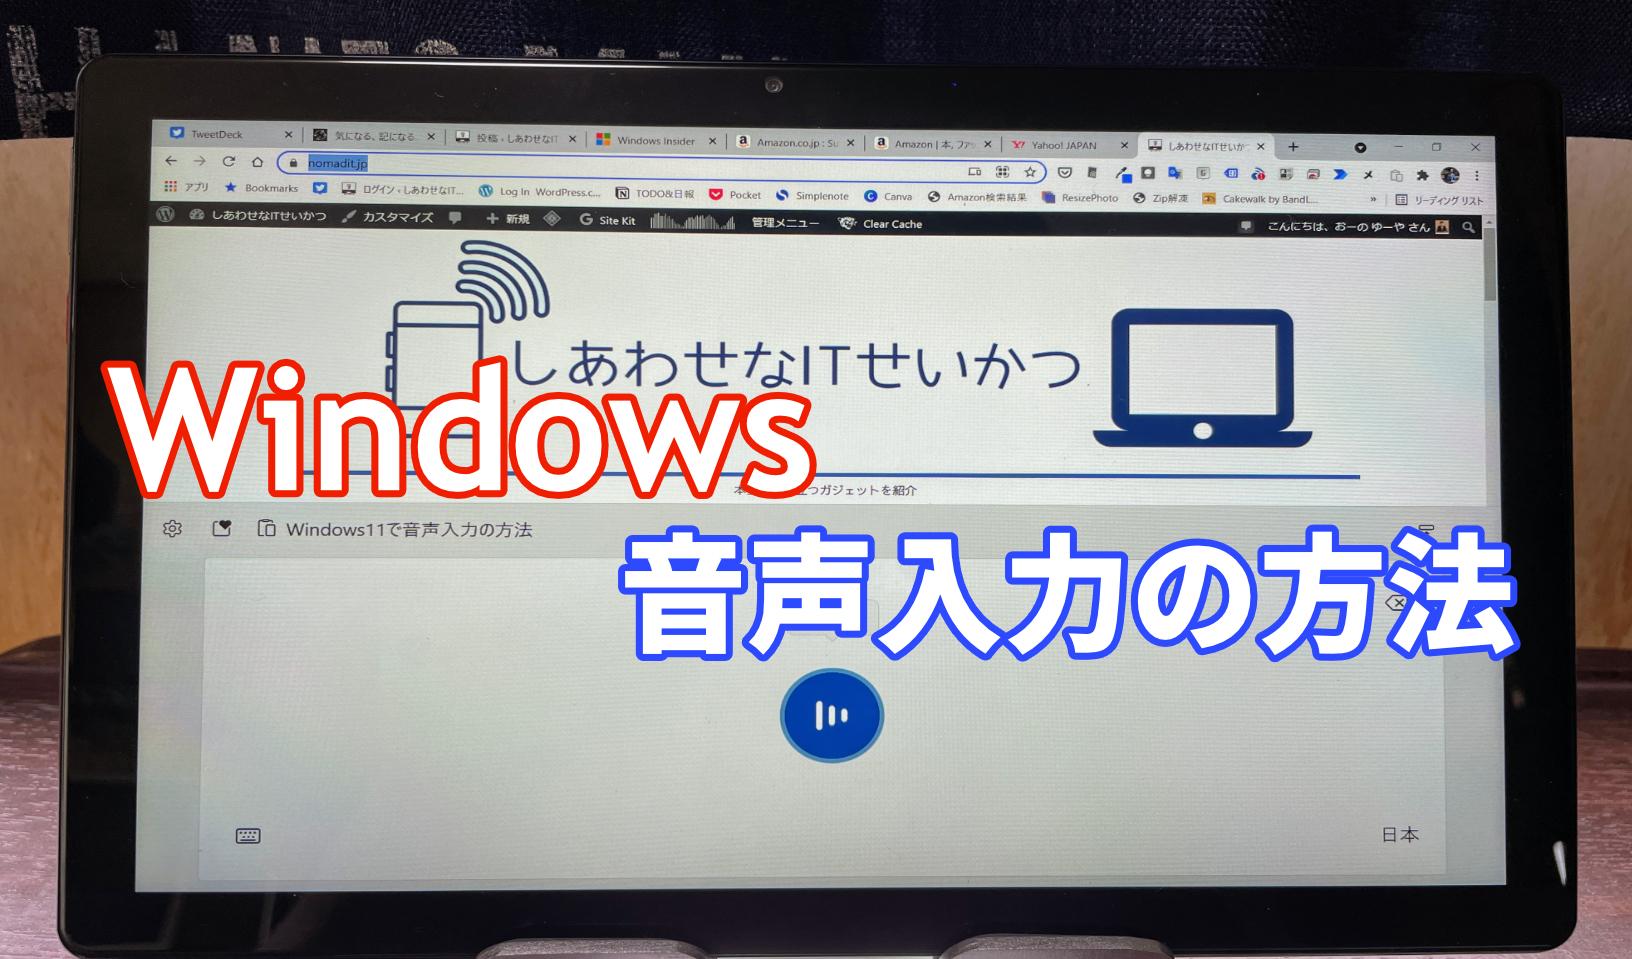 Windowsで音声入力アイキャッチ